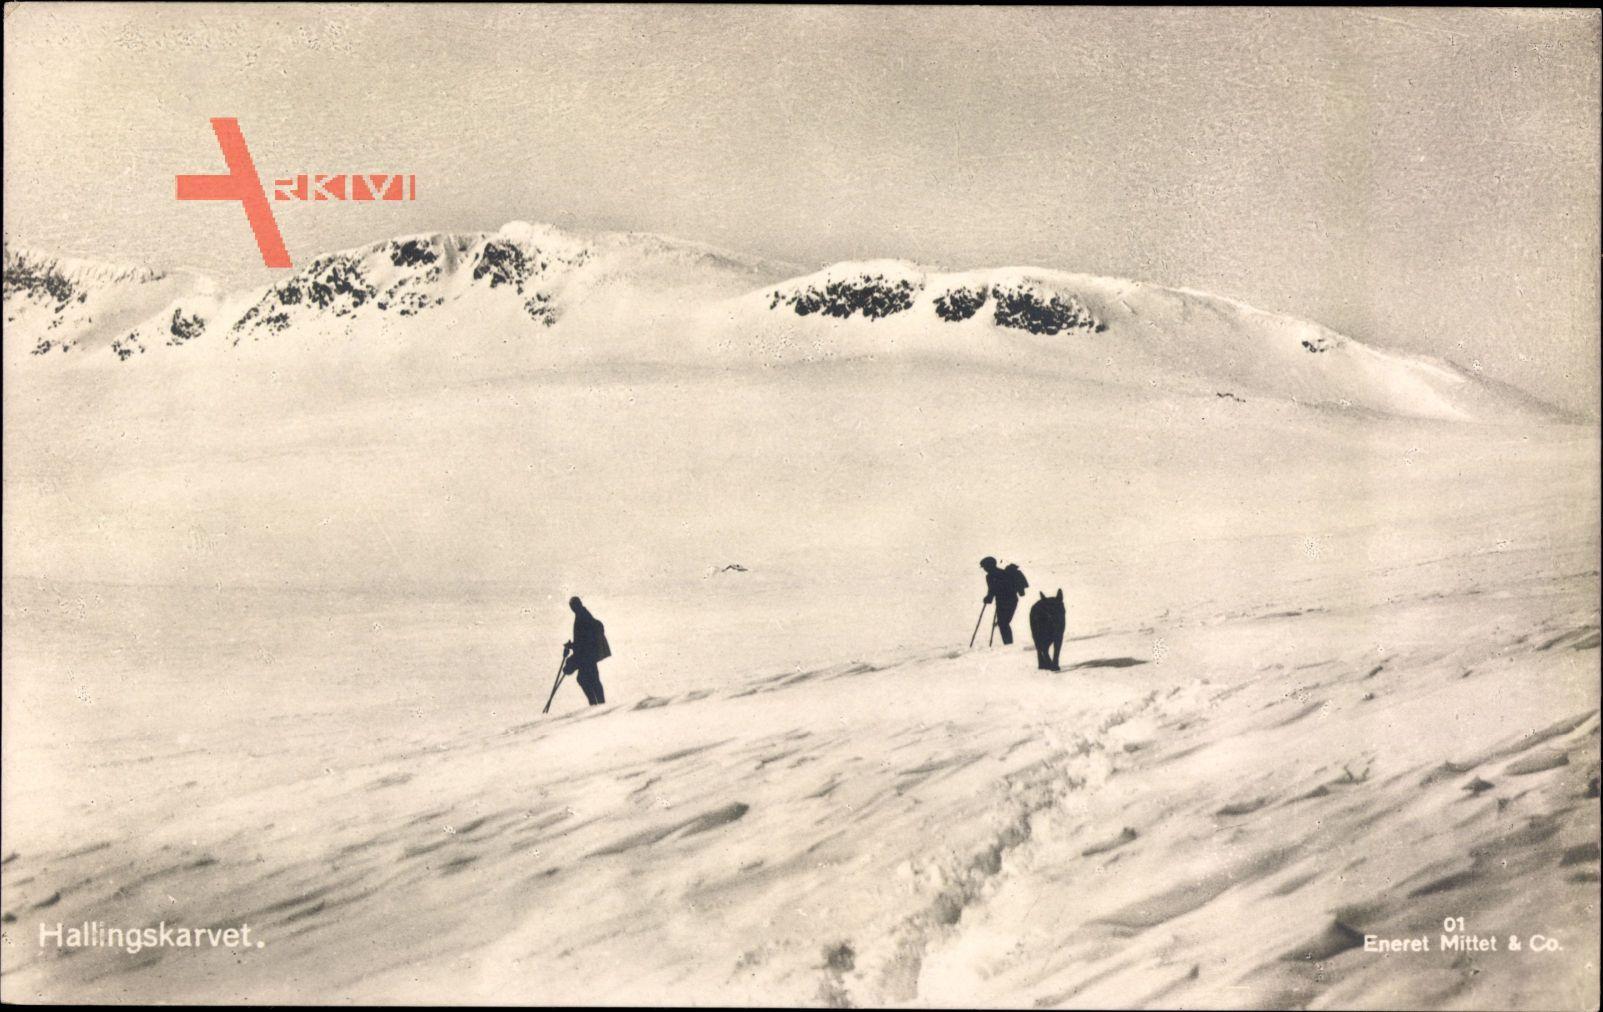 Norwegen, Hallingskarvet, Skifahrer, Winterlandschaft, Hund, Schneedecke